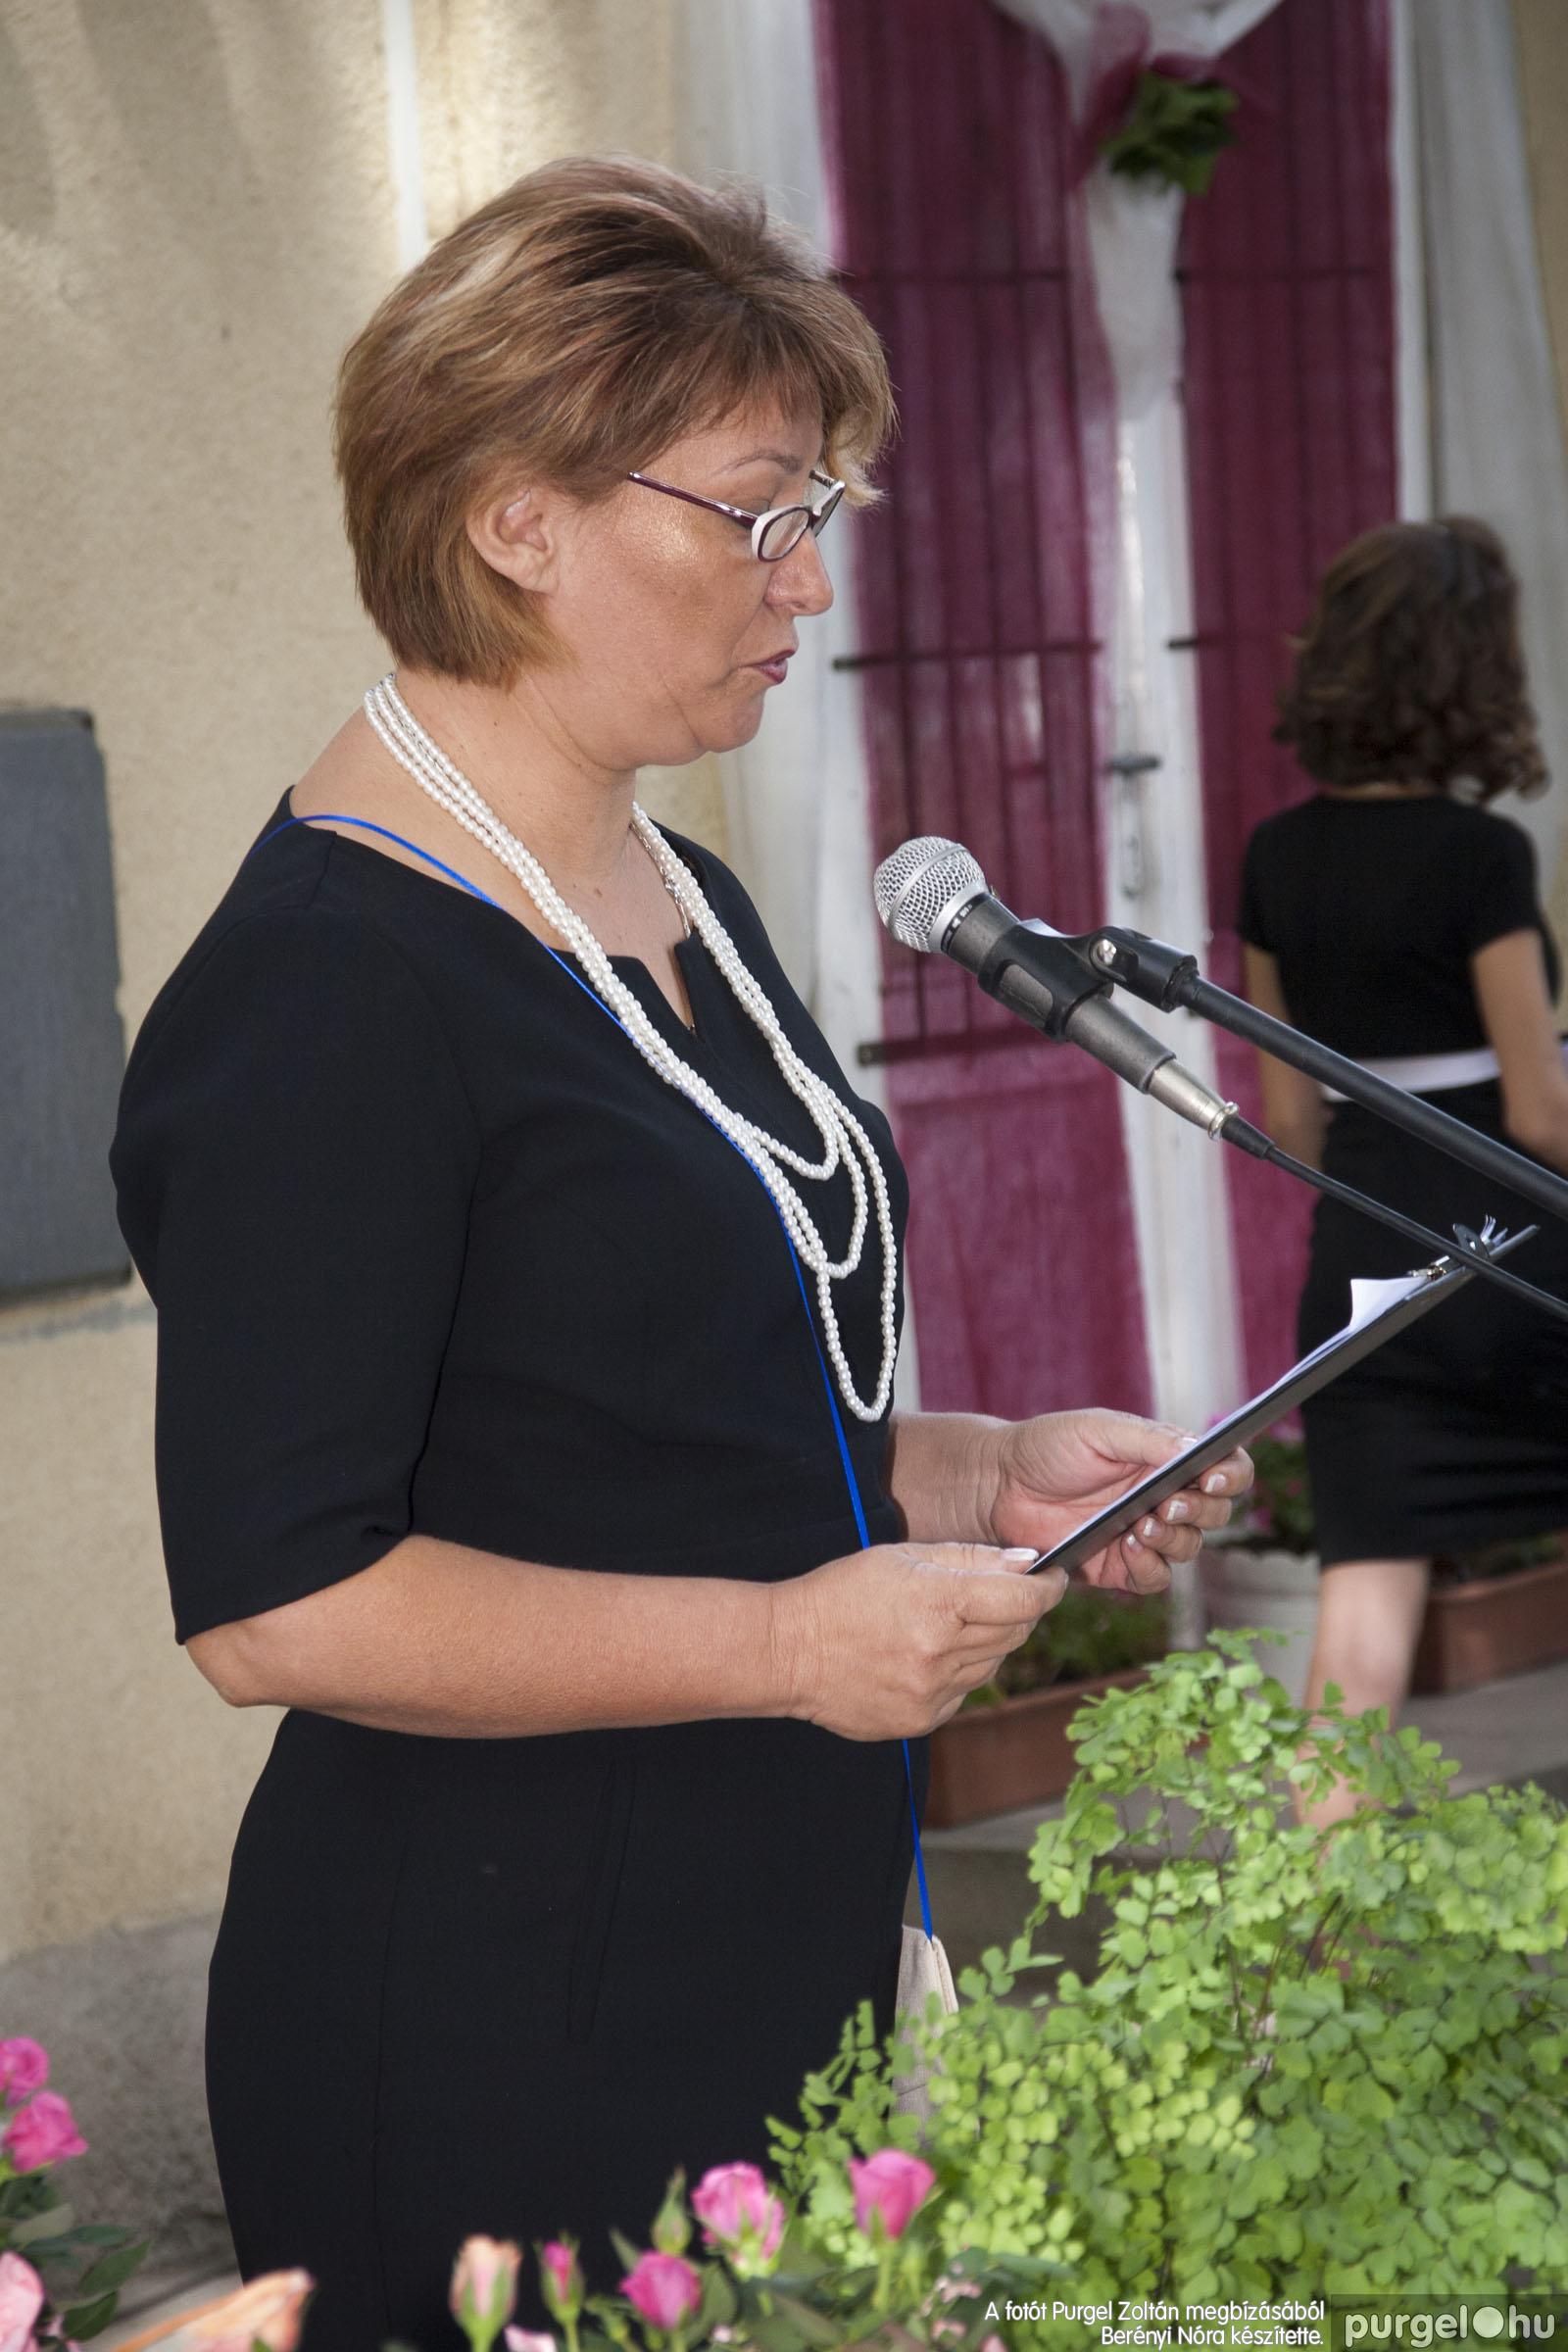 2014.06.14. 190 Forray Máté Általános Iskola ballagás 2014. - Fotó:BERÉNYI NÓRA© _MG_5822.jpg